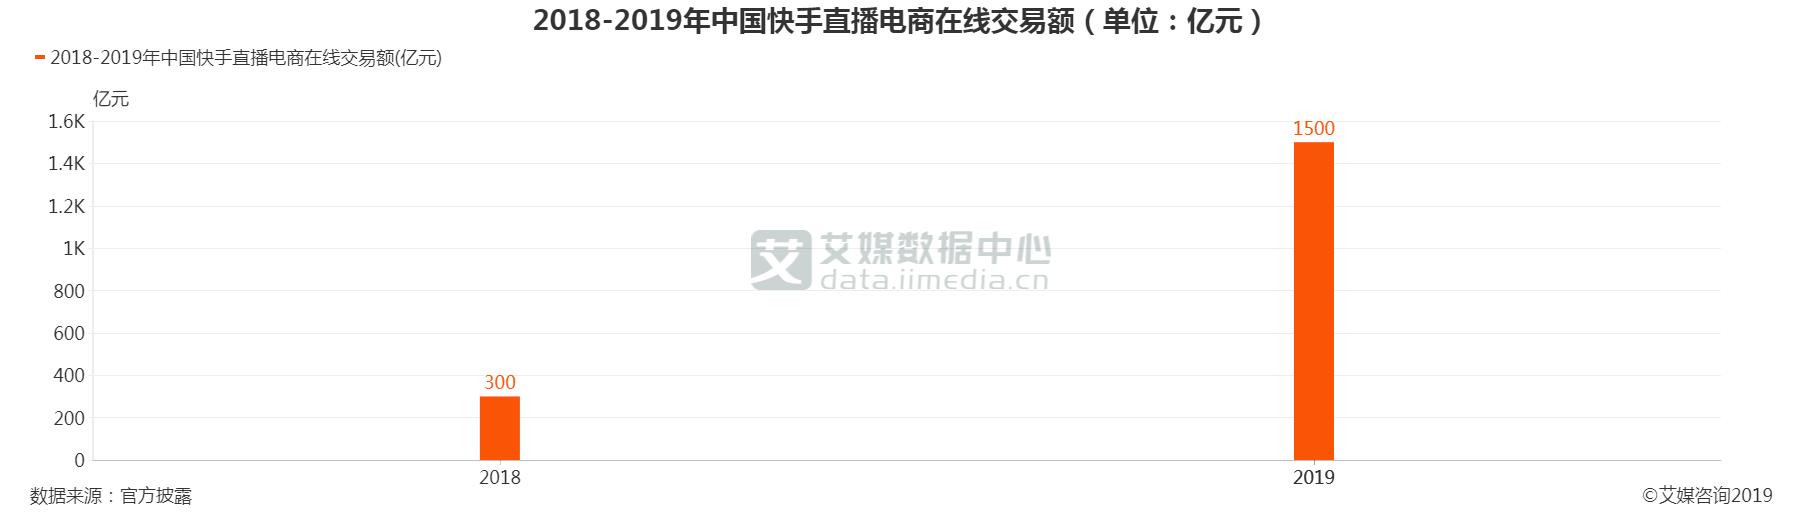 2018-2019年中国快手直播电商在线交易额